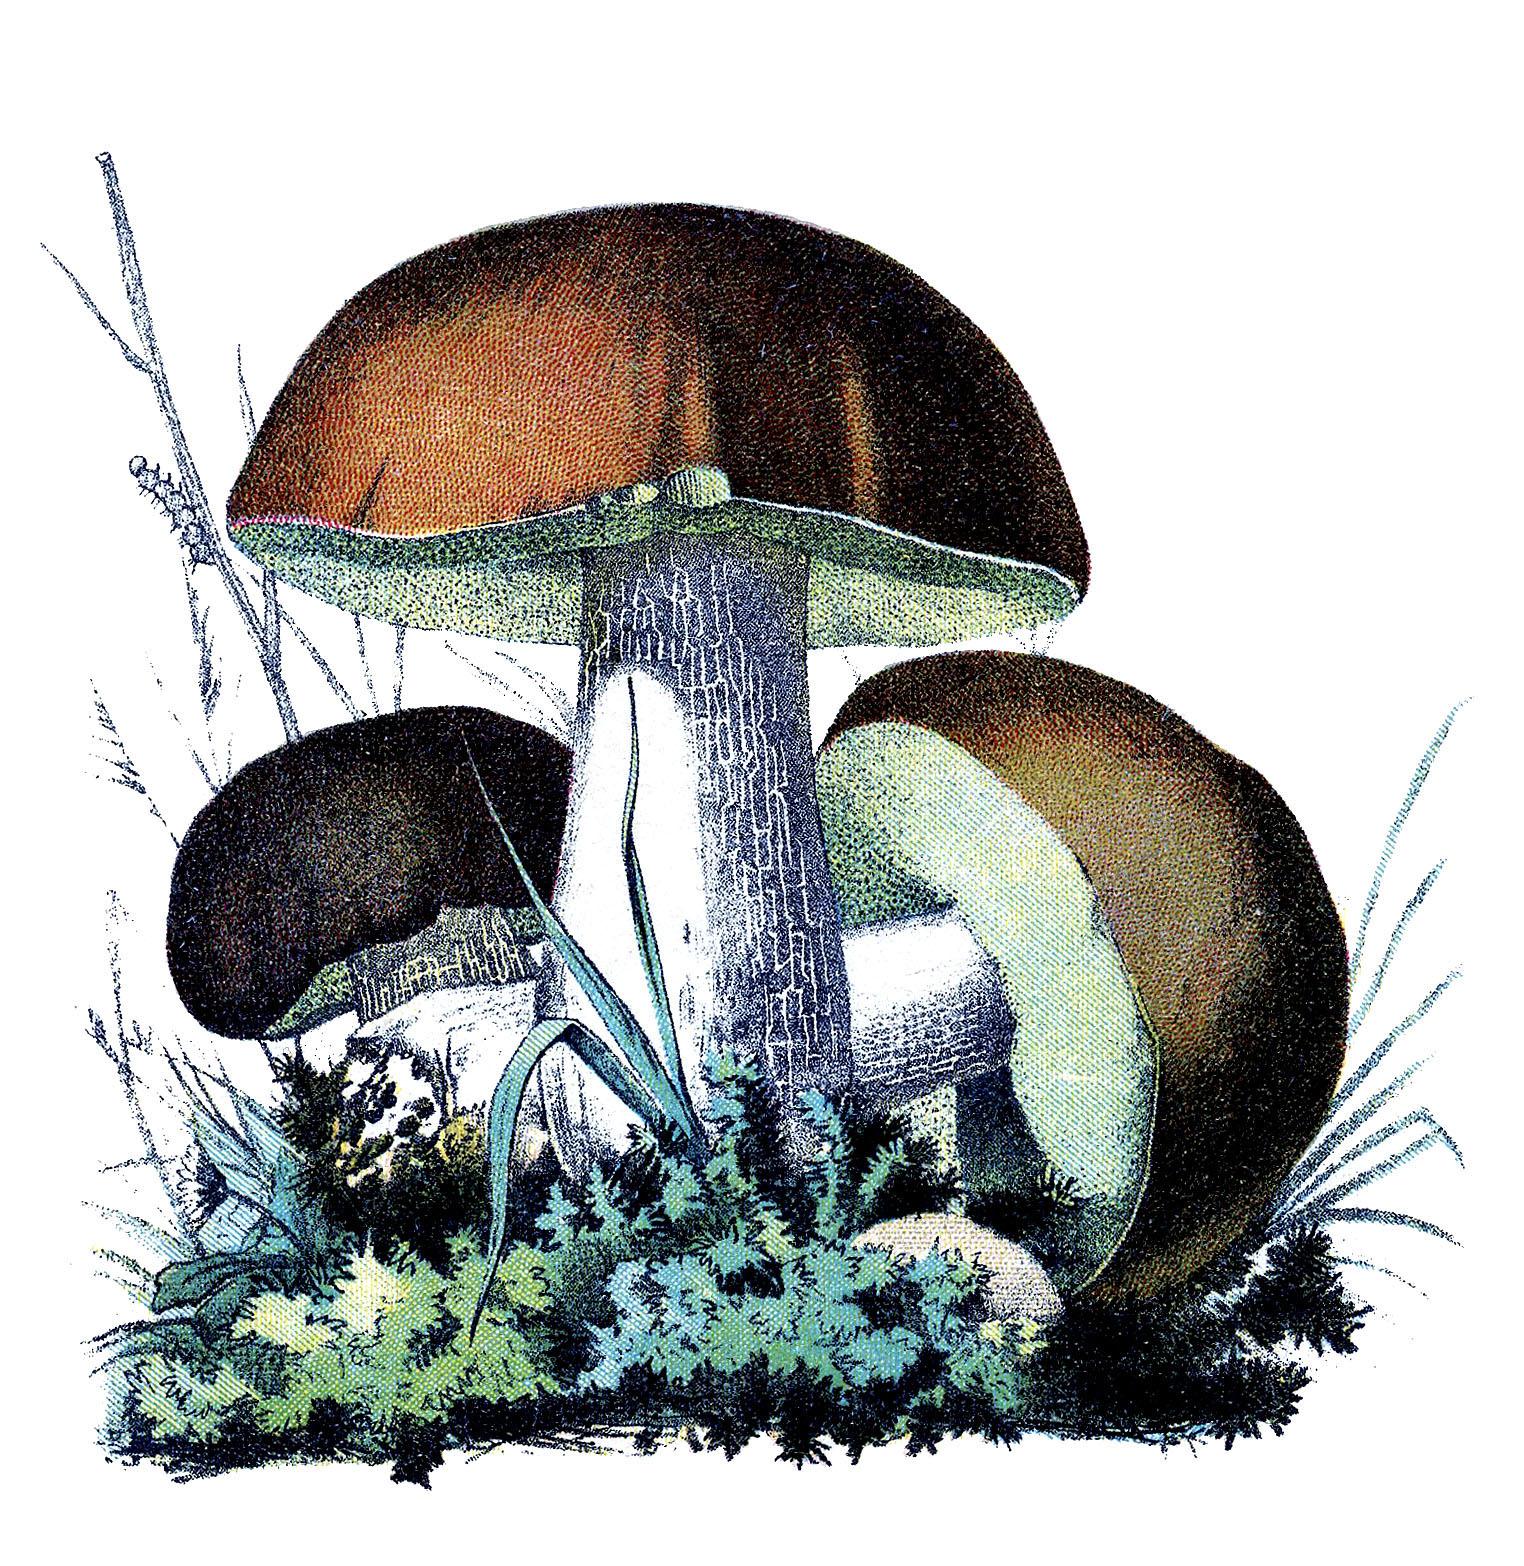 деревянной грибы картинки для педагогов год после похорон